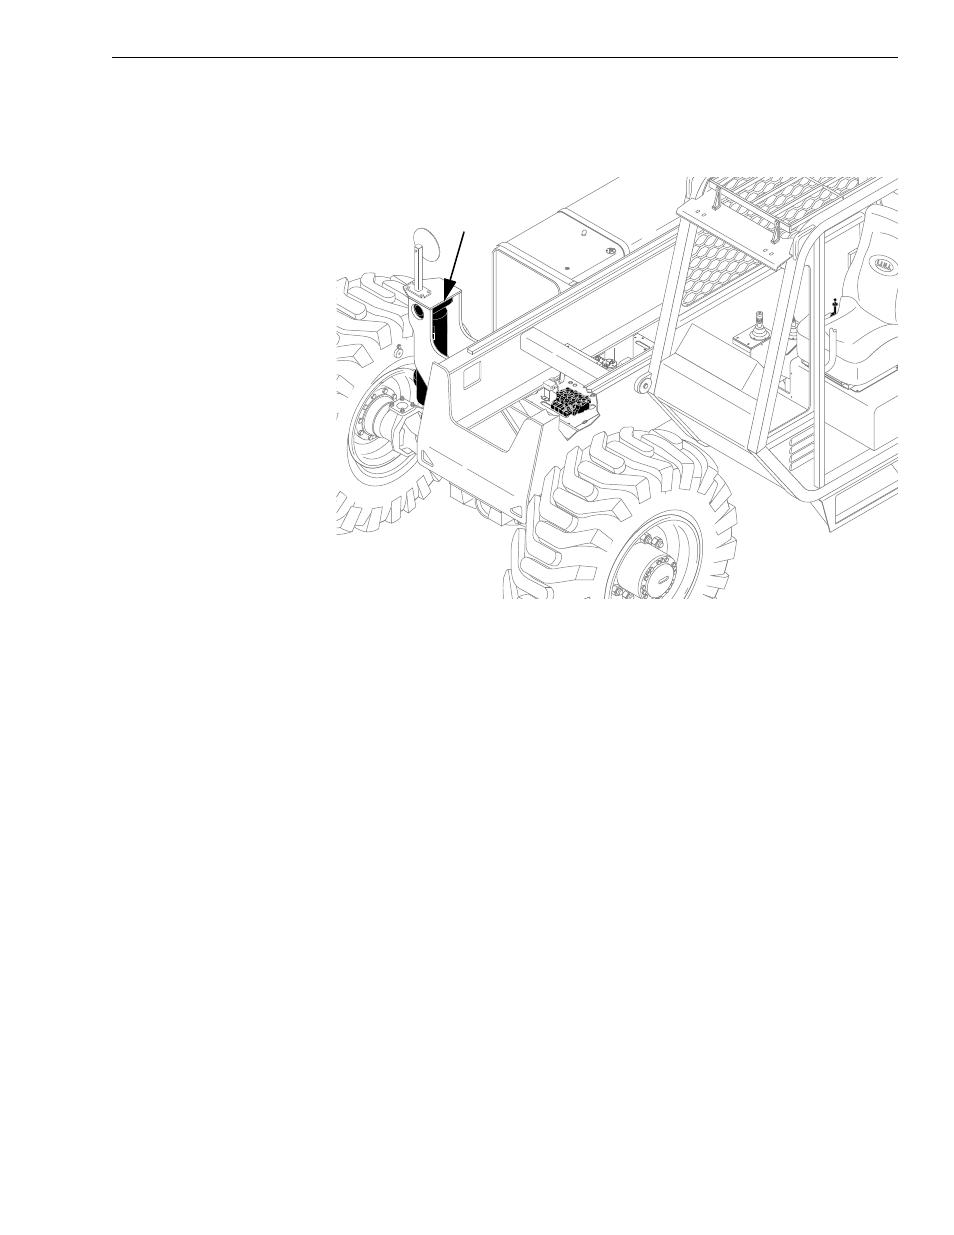 Frame tilt cylinder | Lull 6K Service Manual User Manual | Page 511 / 636